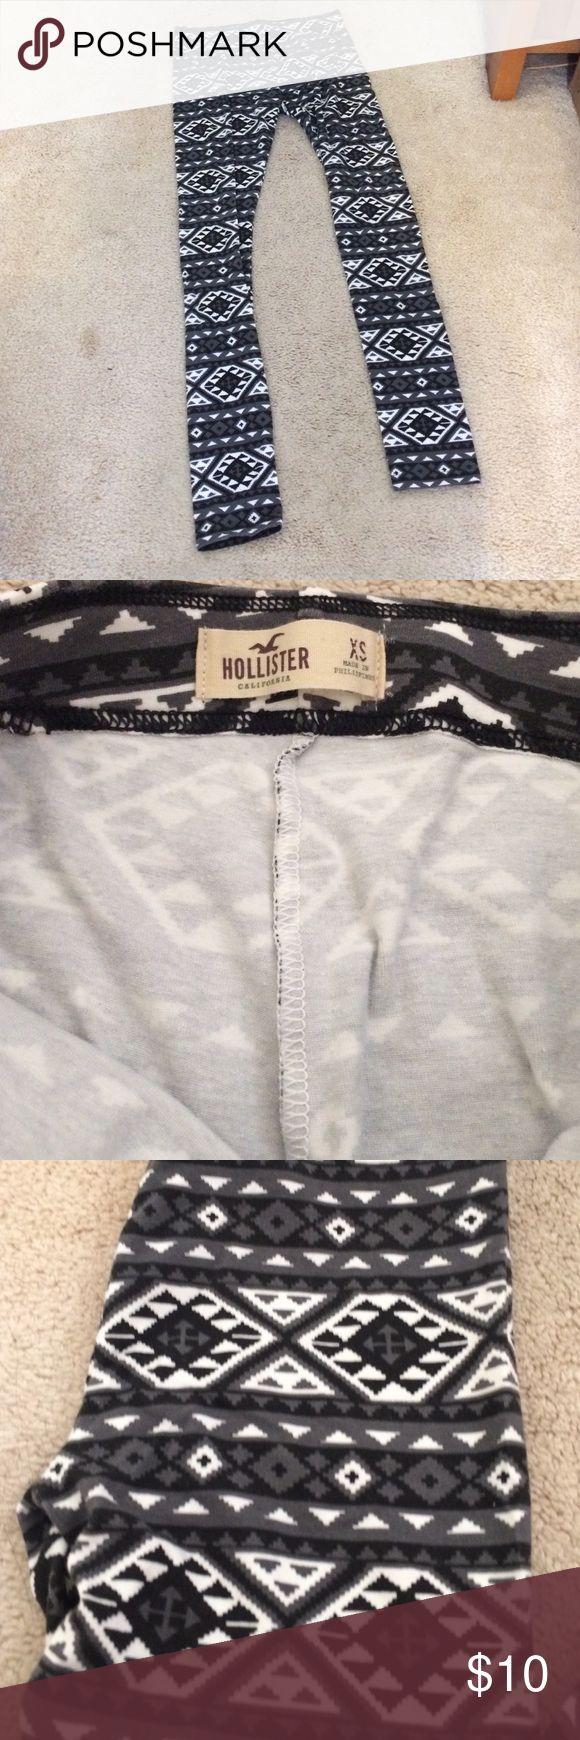 Hollister XS tribal print leggings Hollister XS tribal print leggings Hollister Pants Leggings